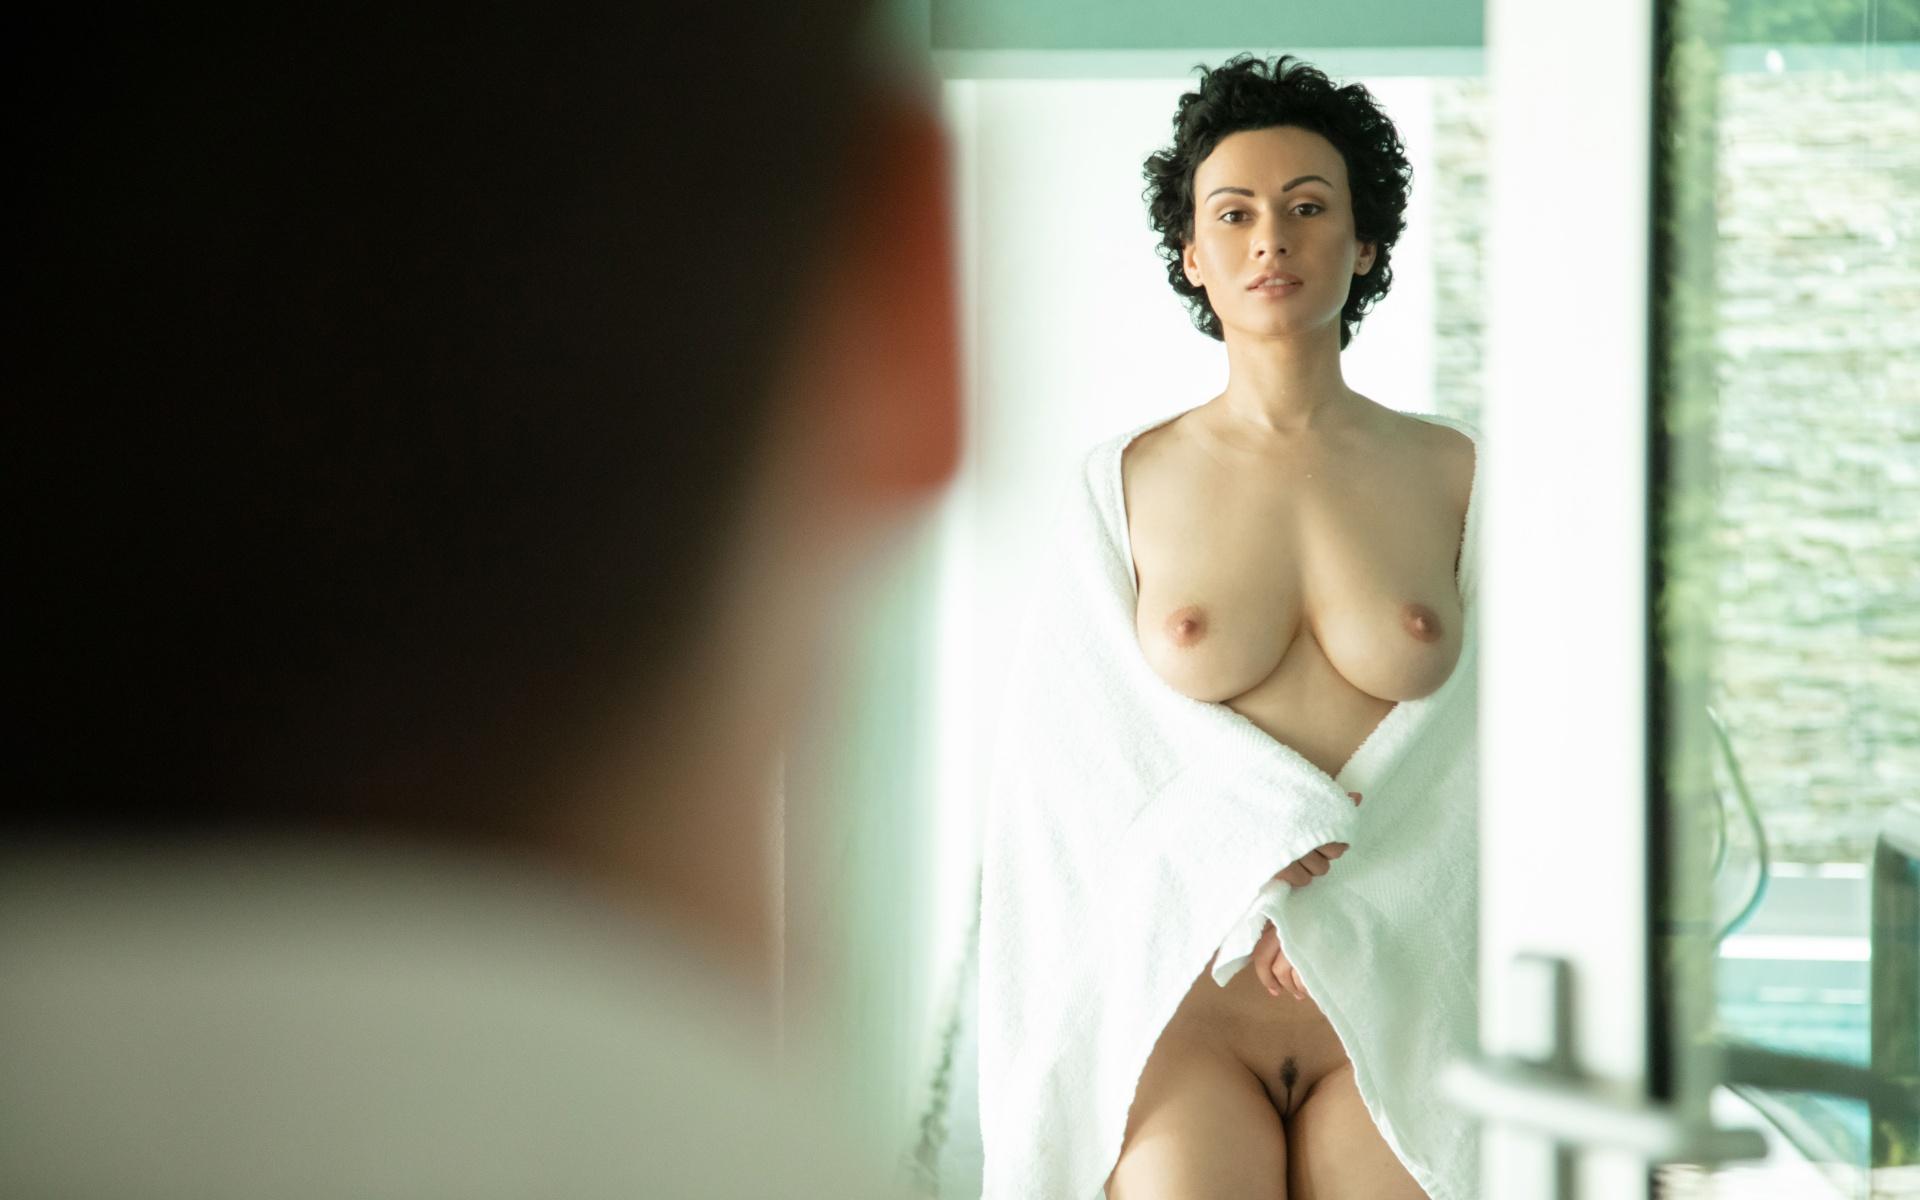 Nackt Imelda Staunton  Carla Juri,